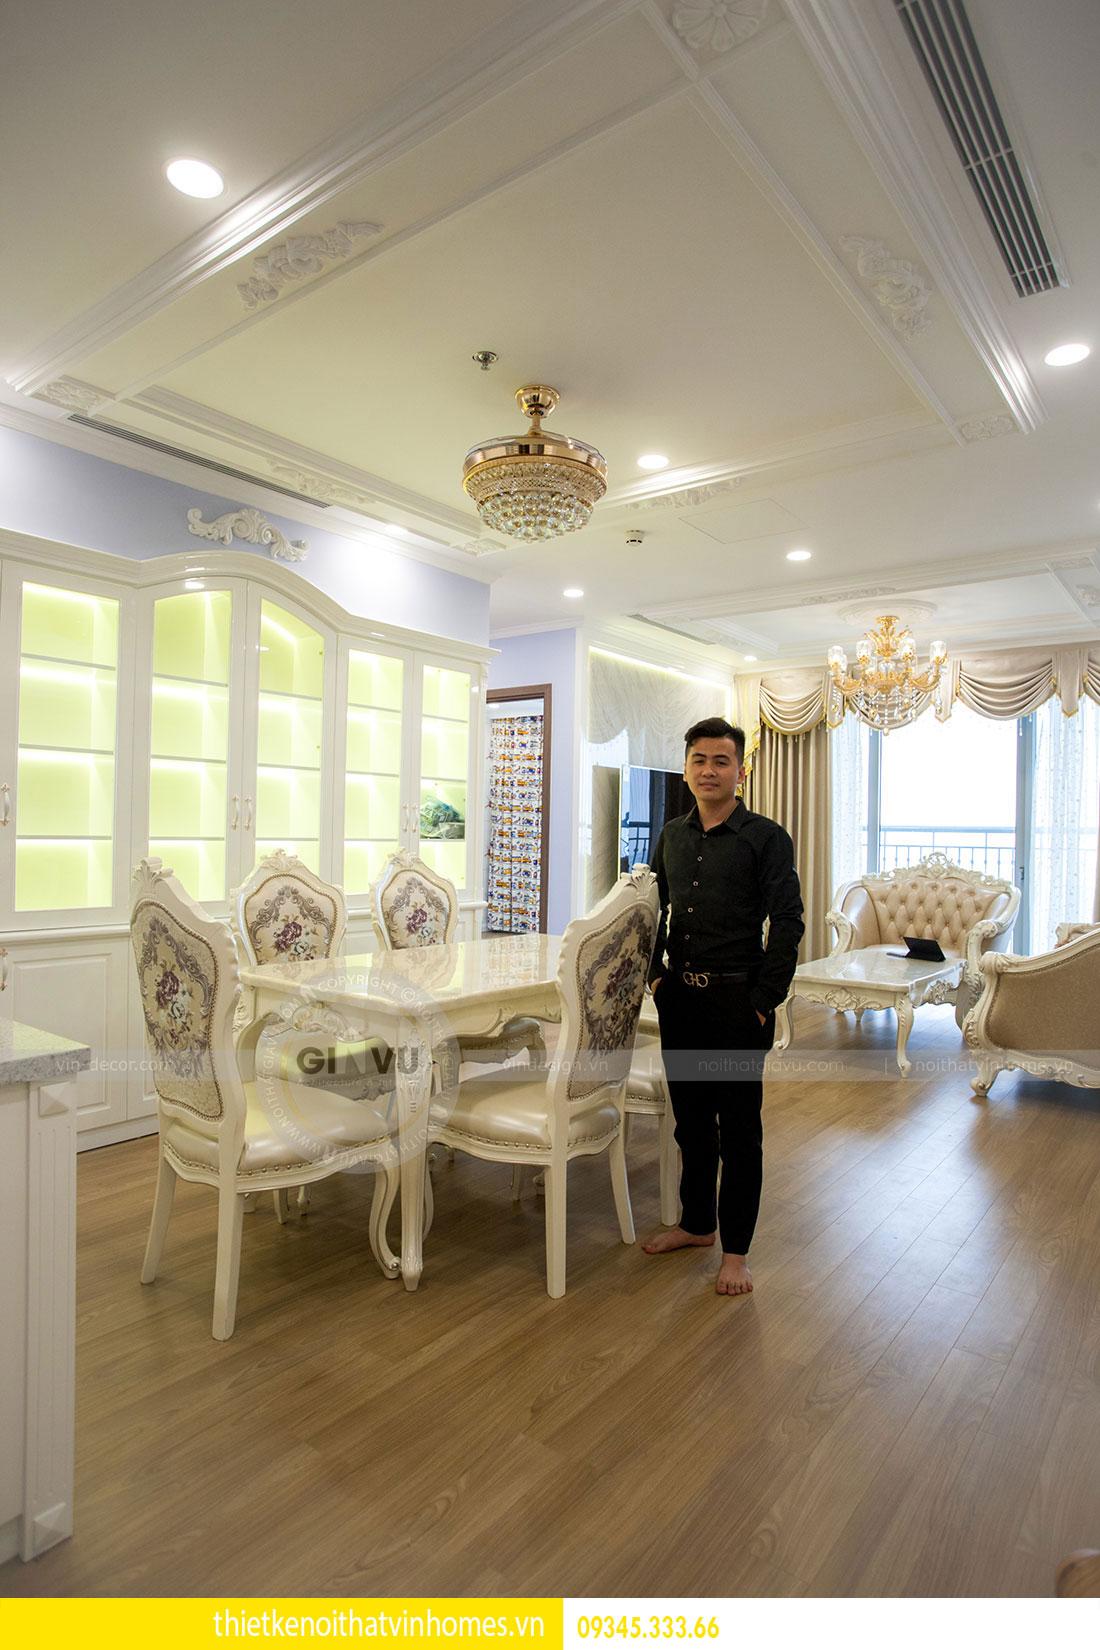 Thi công nội thất chung cư DCapitale theo phong cách tân cổ điển 8